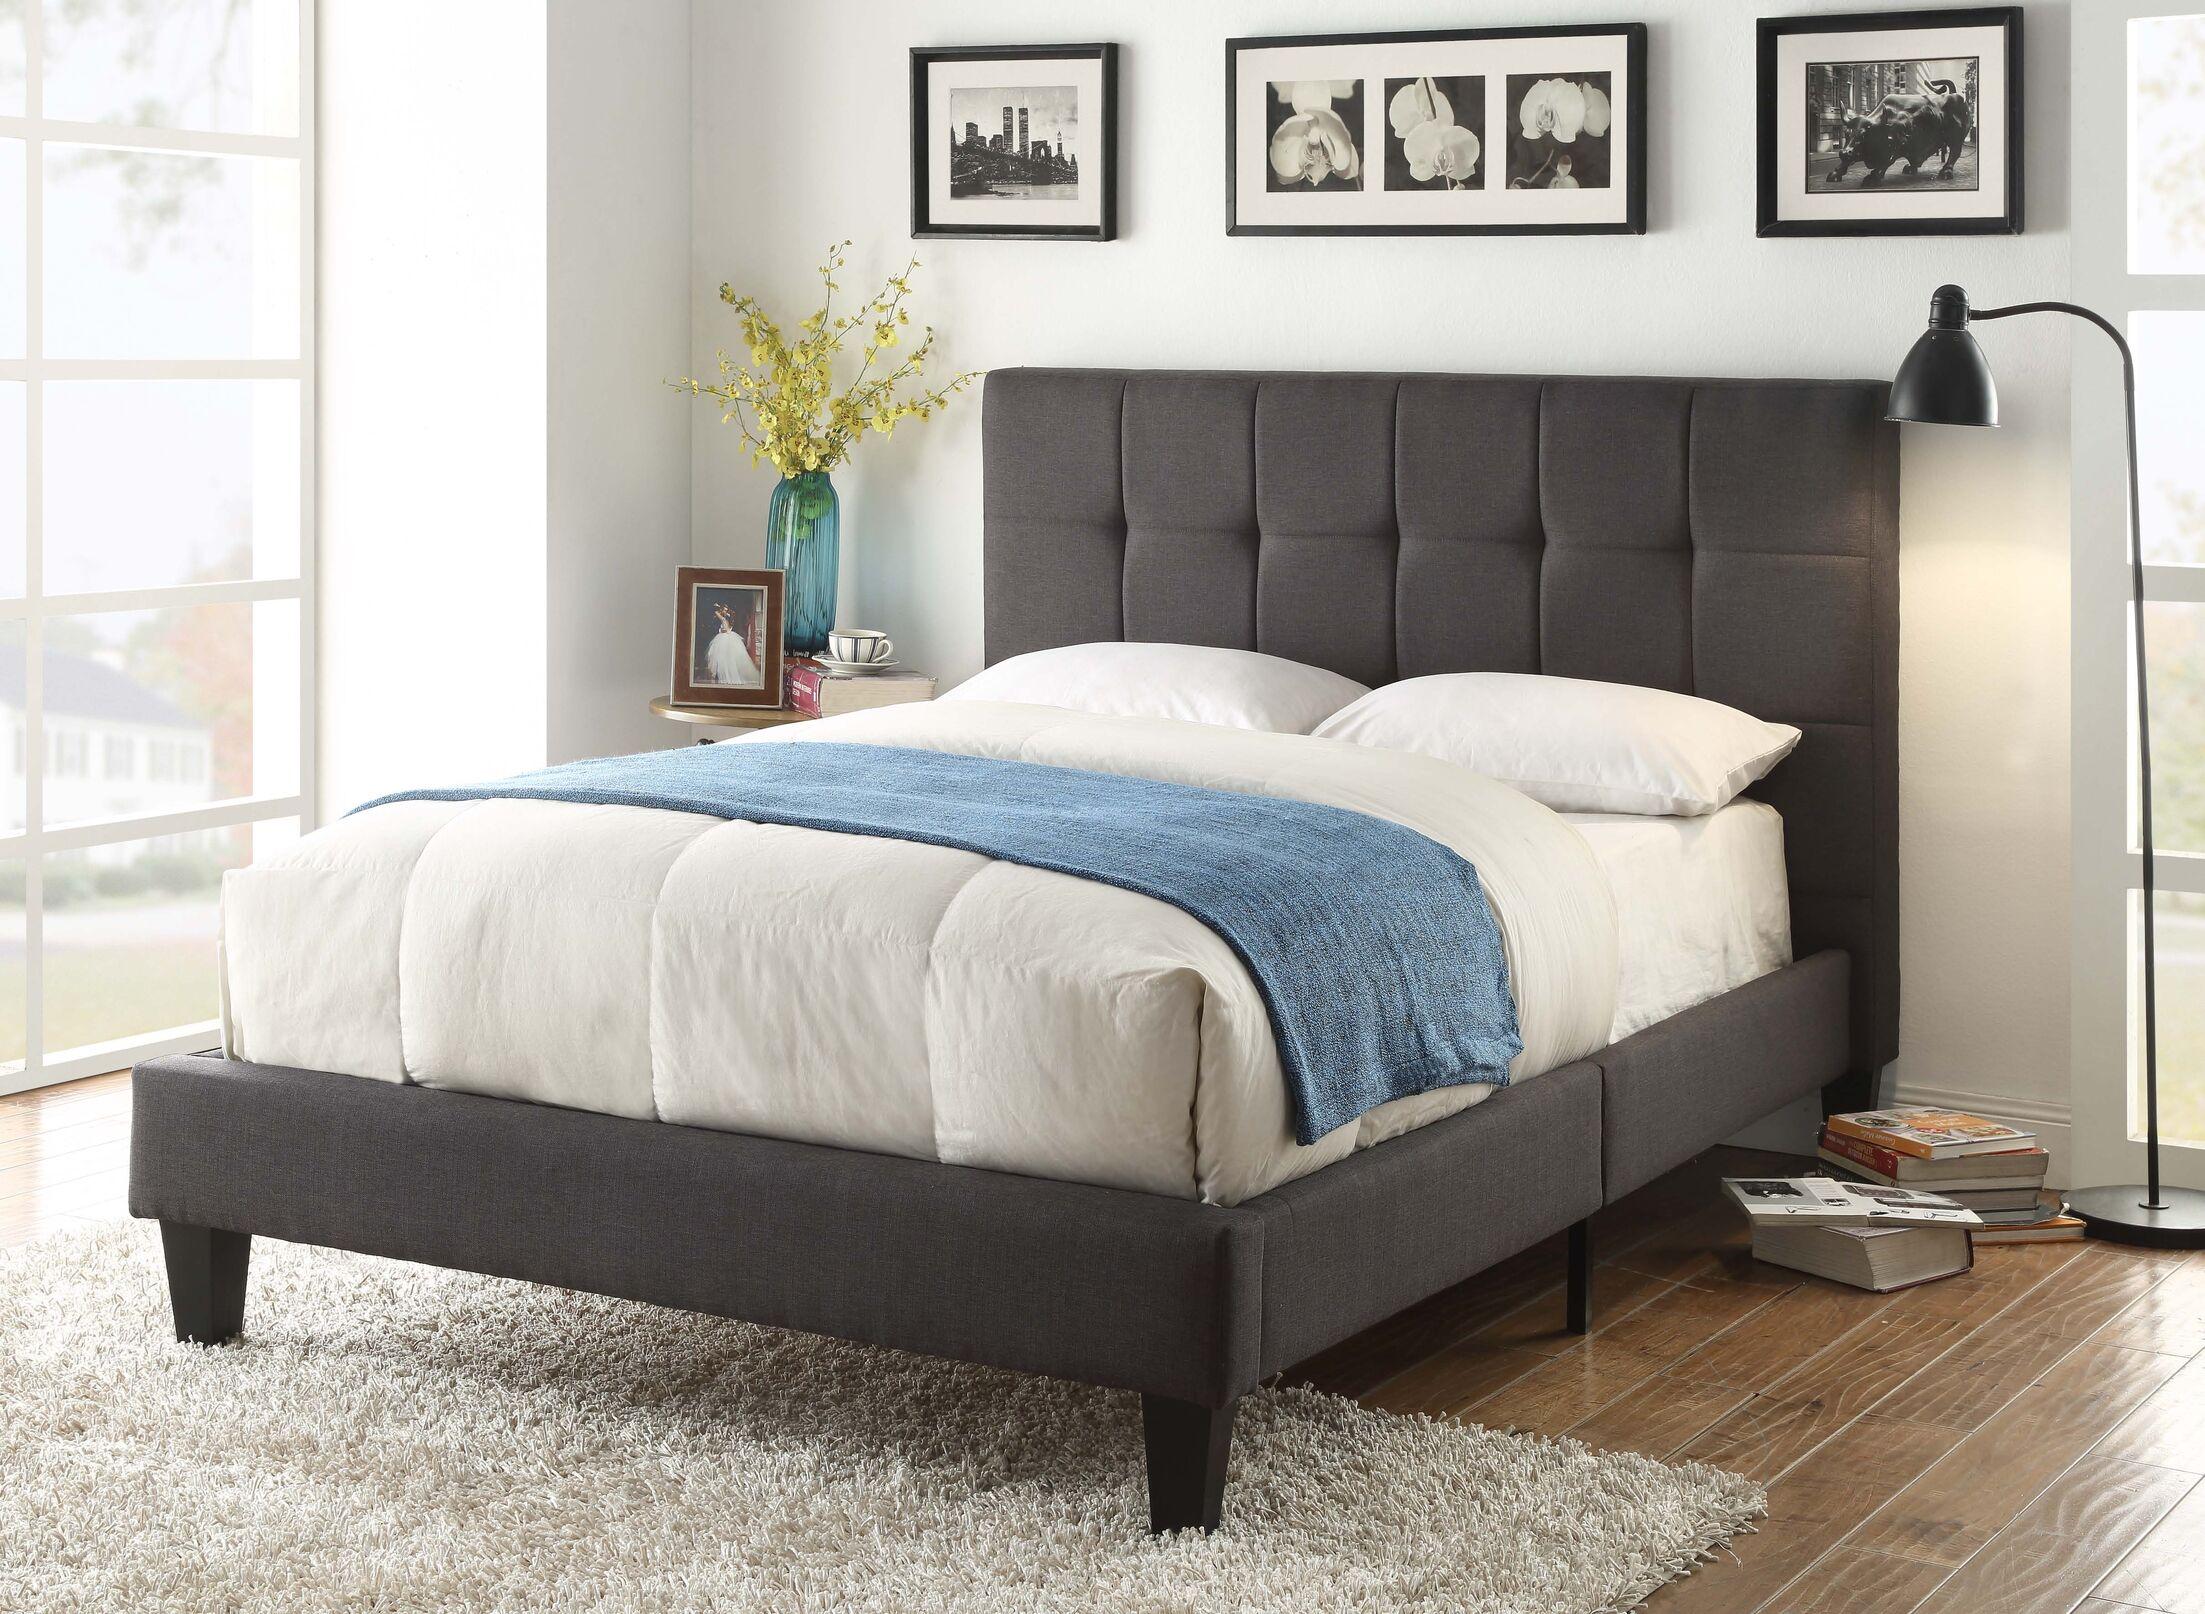 Mcglade Albert Upholstered Platform bed Size: King